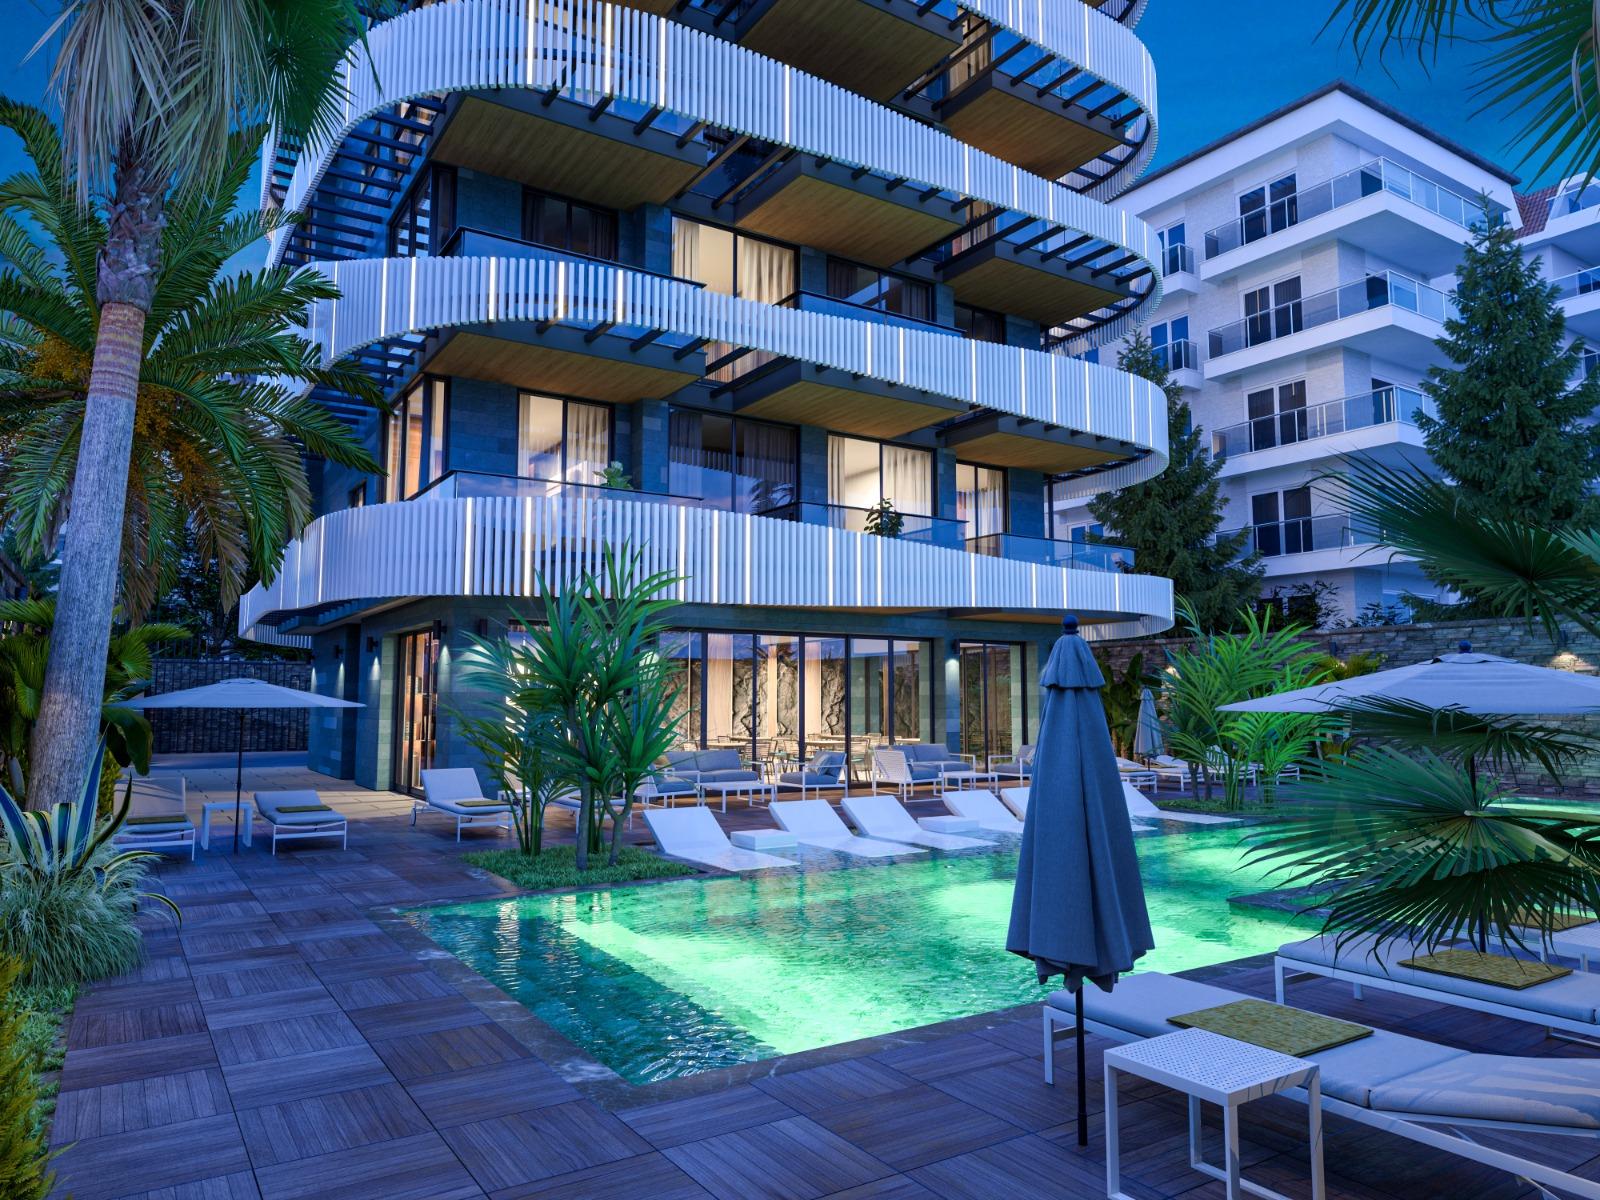 Роскошные квартиры с видом на Средиземное море в элитном районе - Фото 5